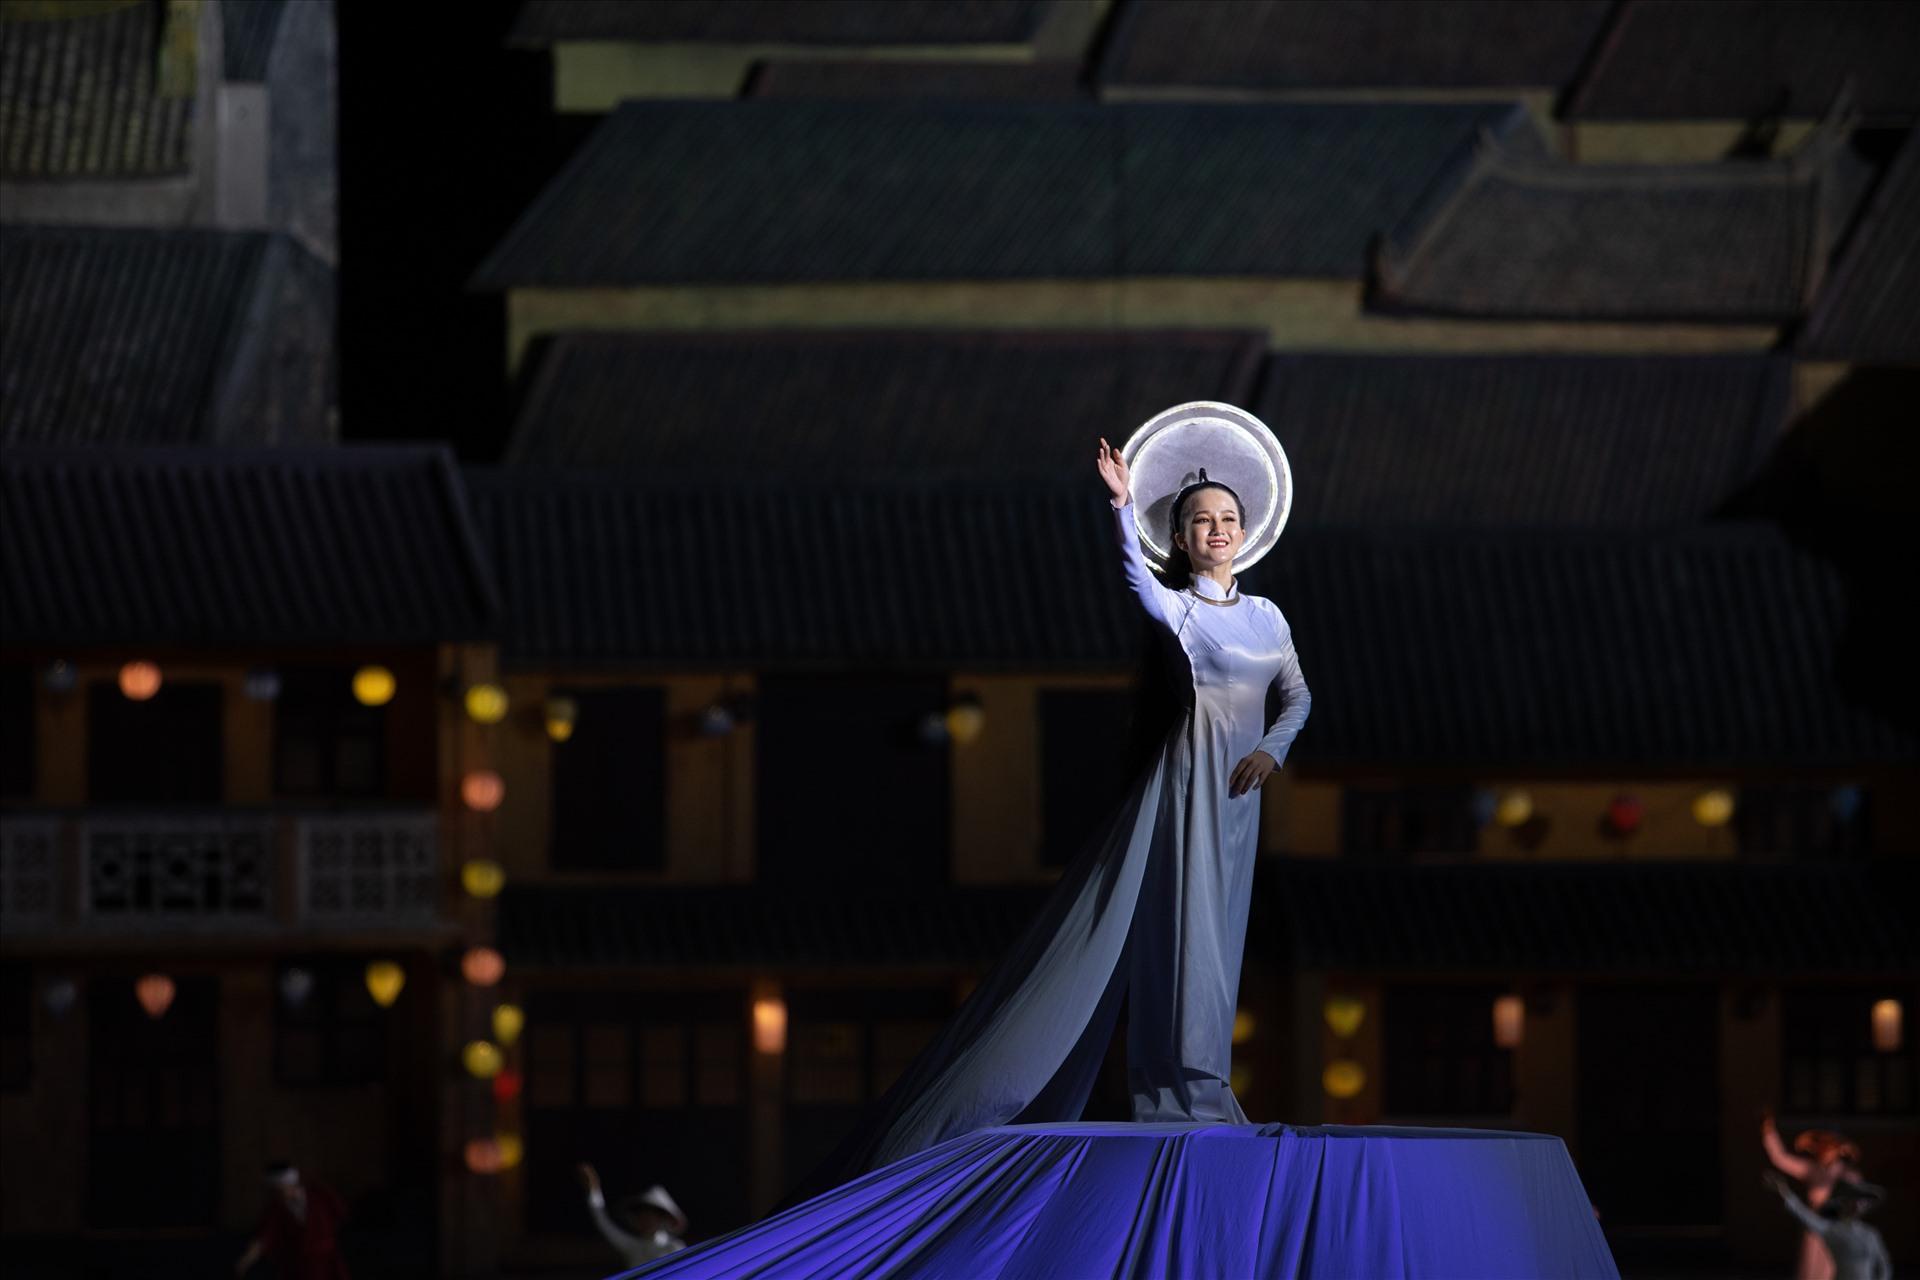 Diễn viên Trần Hằng - cô gái áo dài bêng khun cửi luôn tỏa sáng vào cuối show diễn - hình ảnh đặc biệt trong chương trình thực cảnh Ký ức Hội An